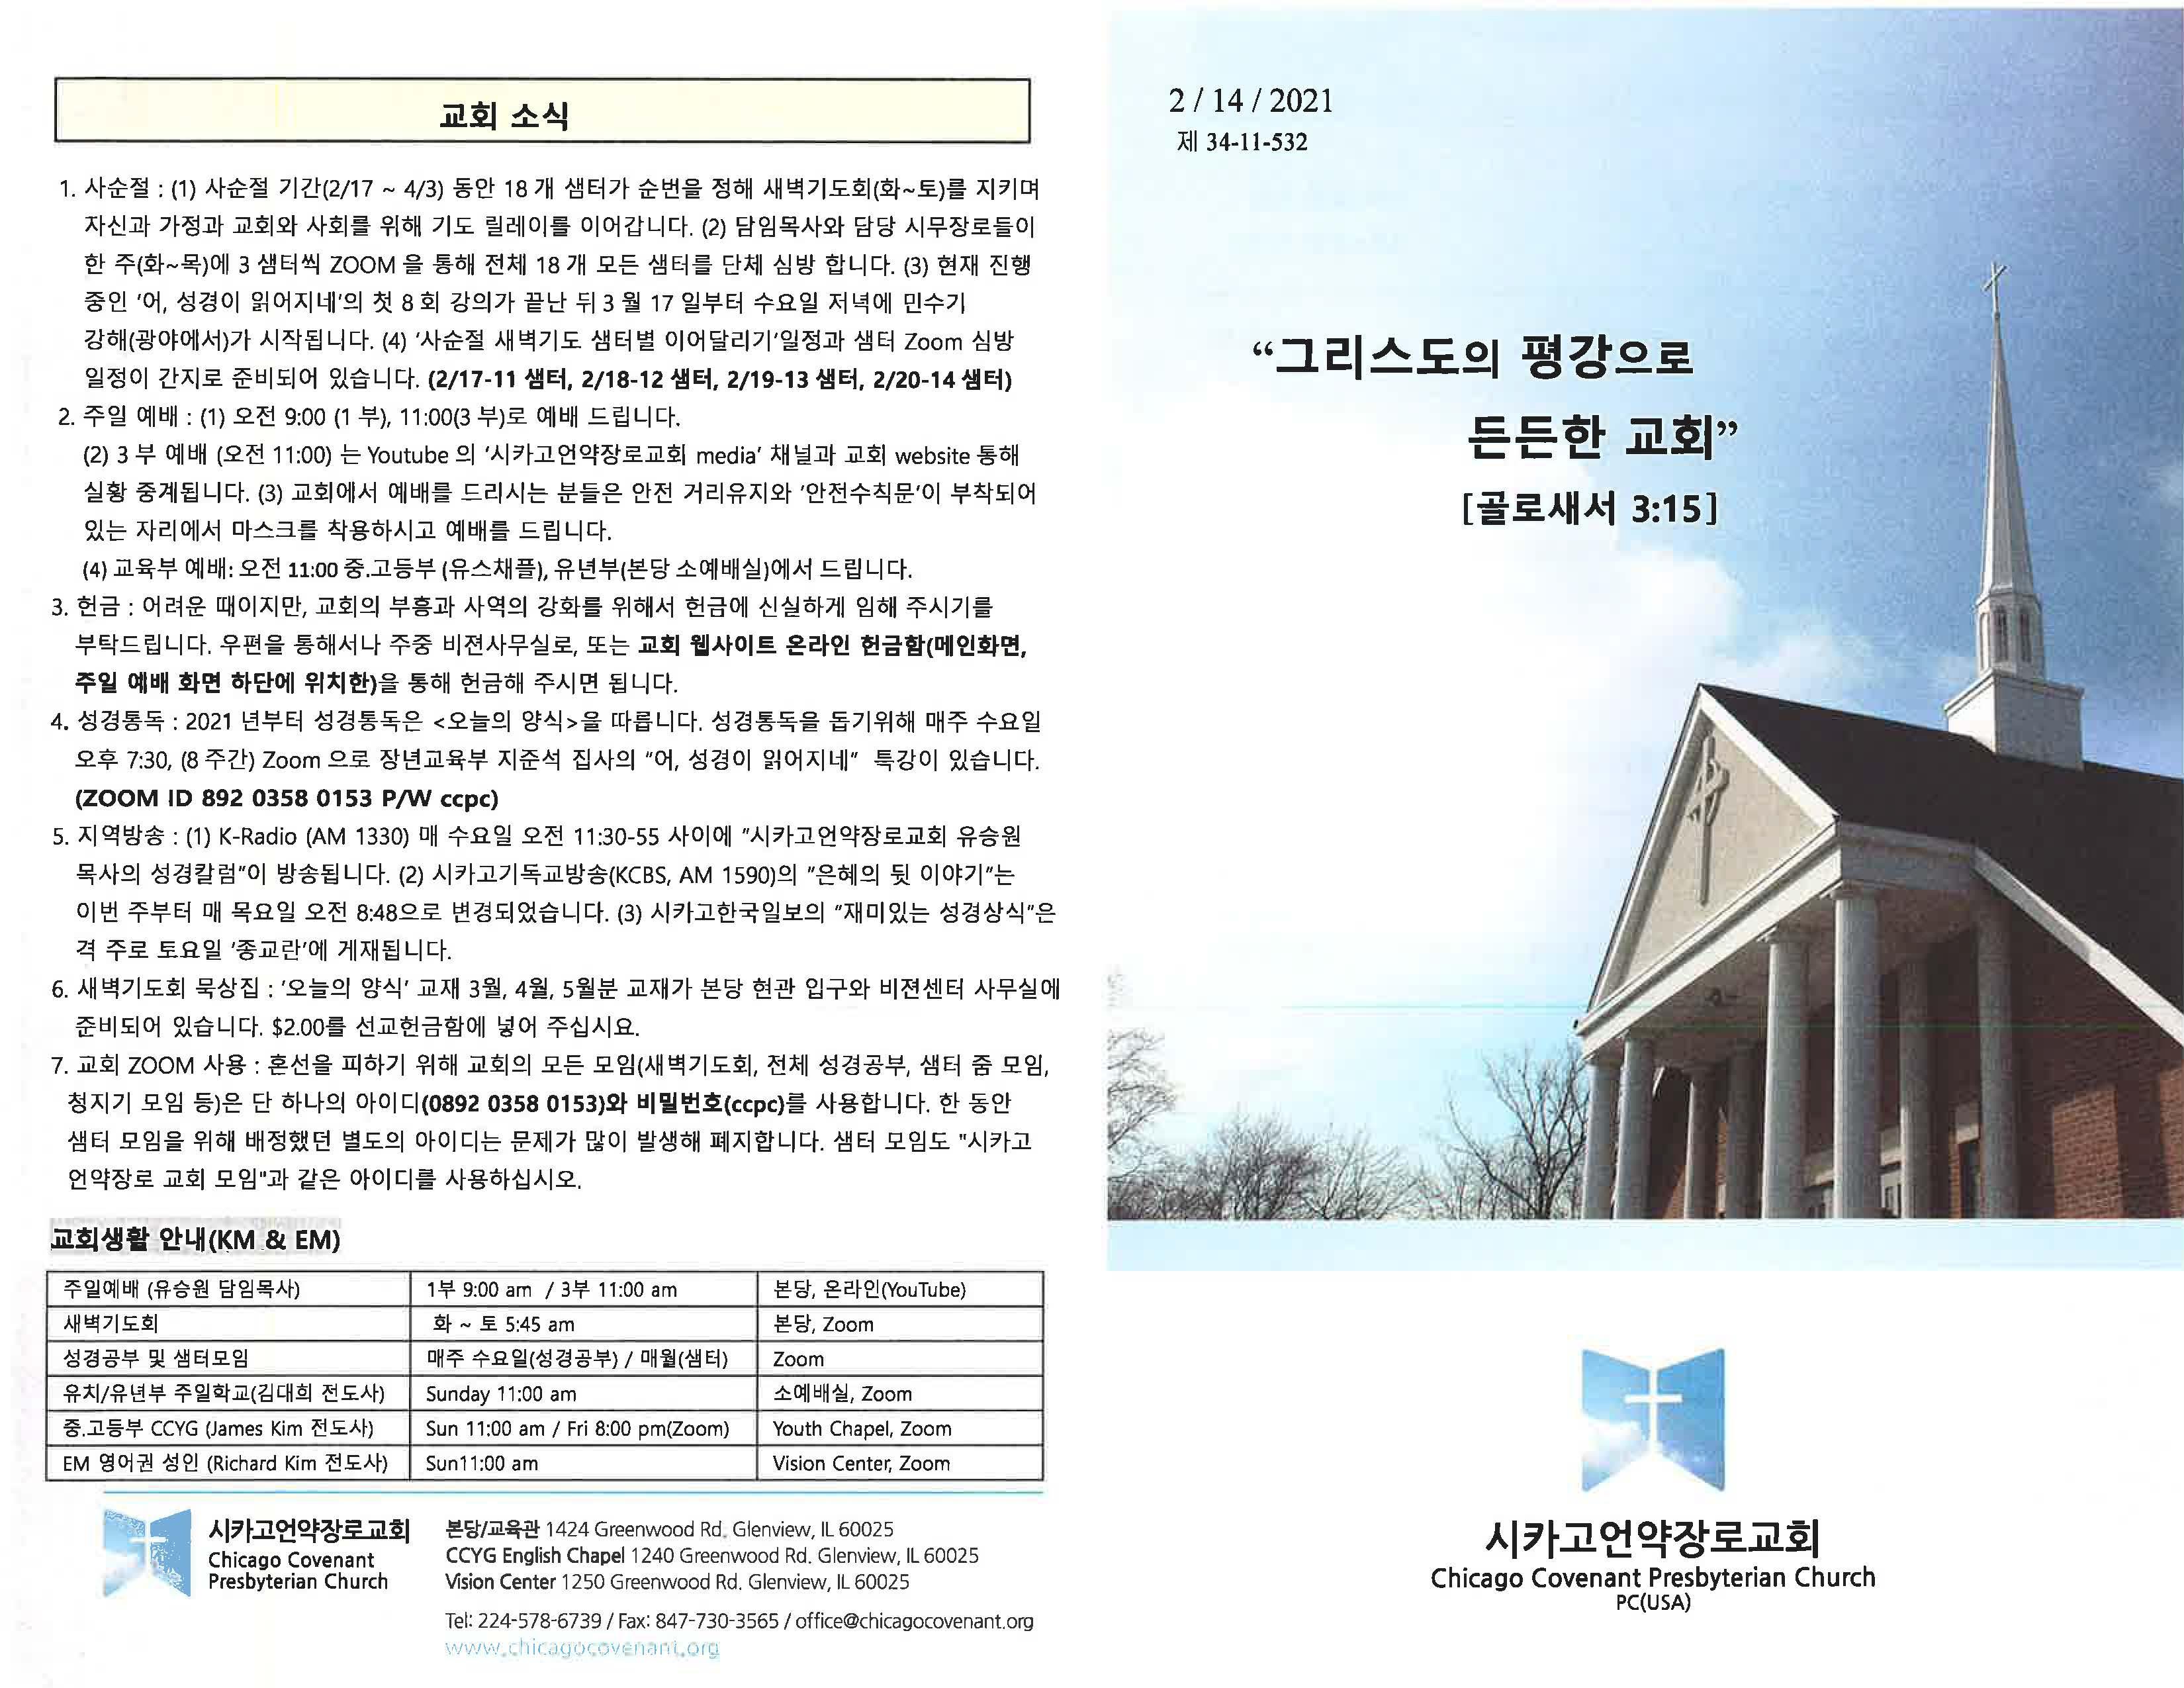 CCPC 2-14-2021_Page_1.jpg